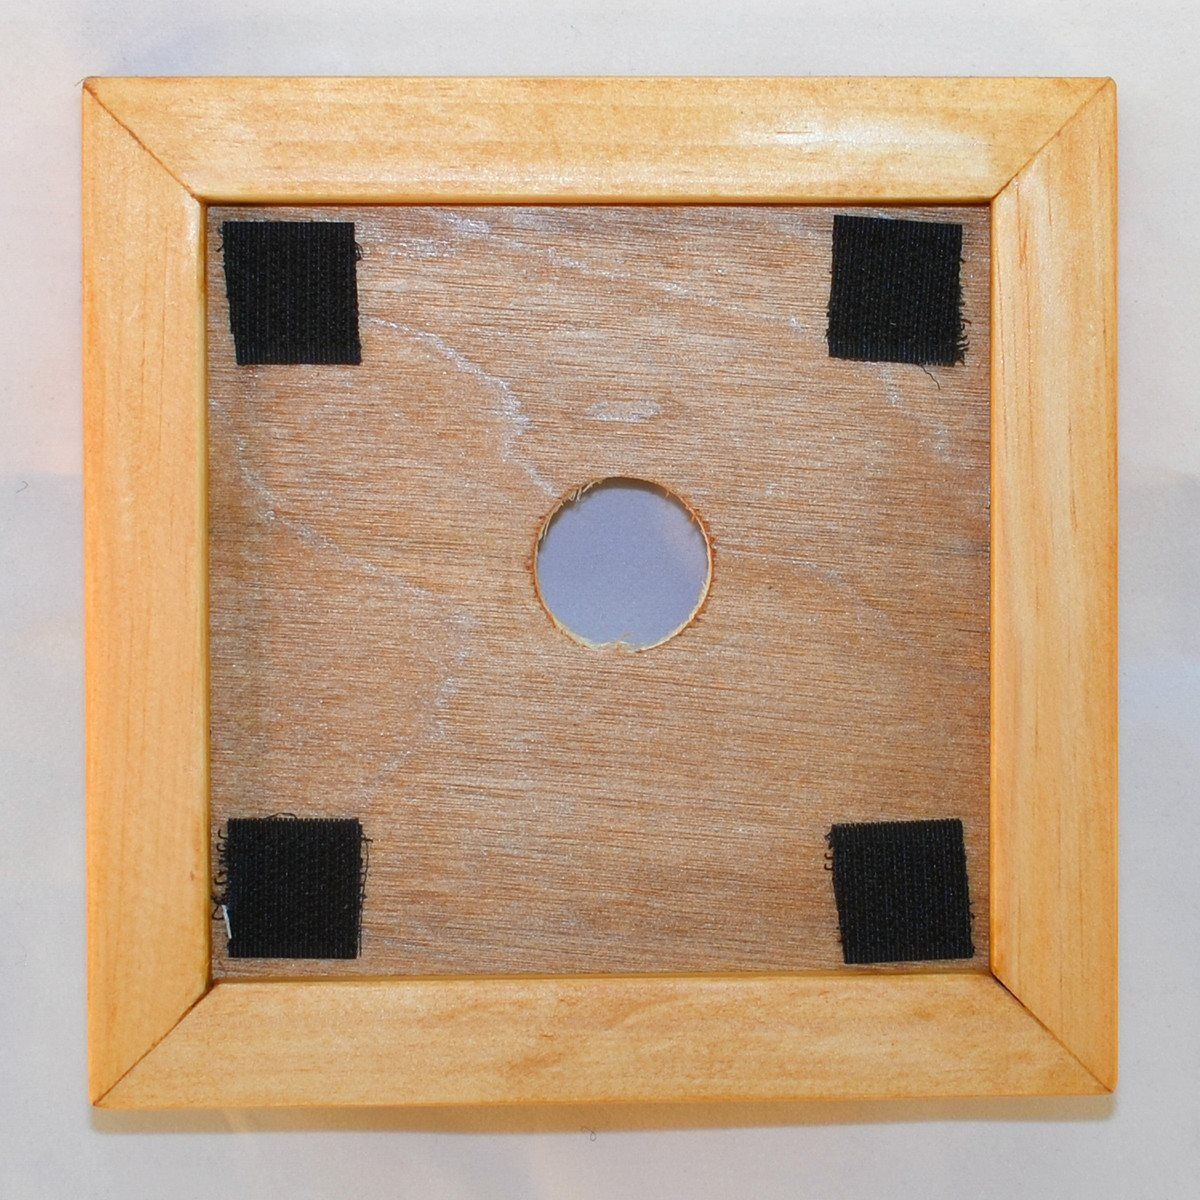 Decorative Tile Frames Decorative Ceramic Tile Frame  Single Tile Wooden Frame  Products